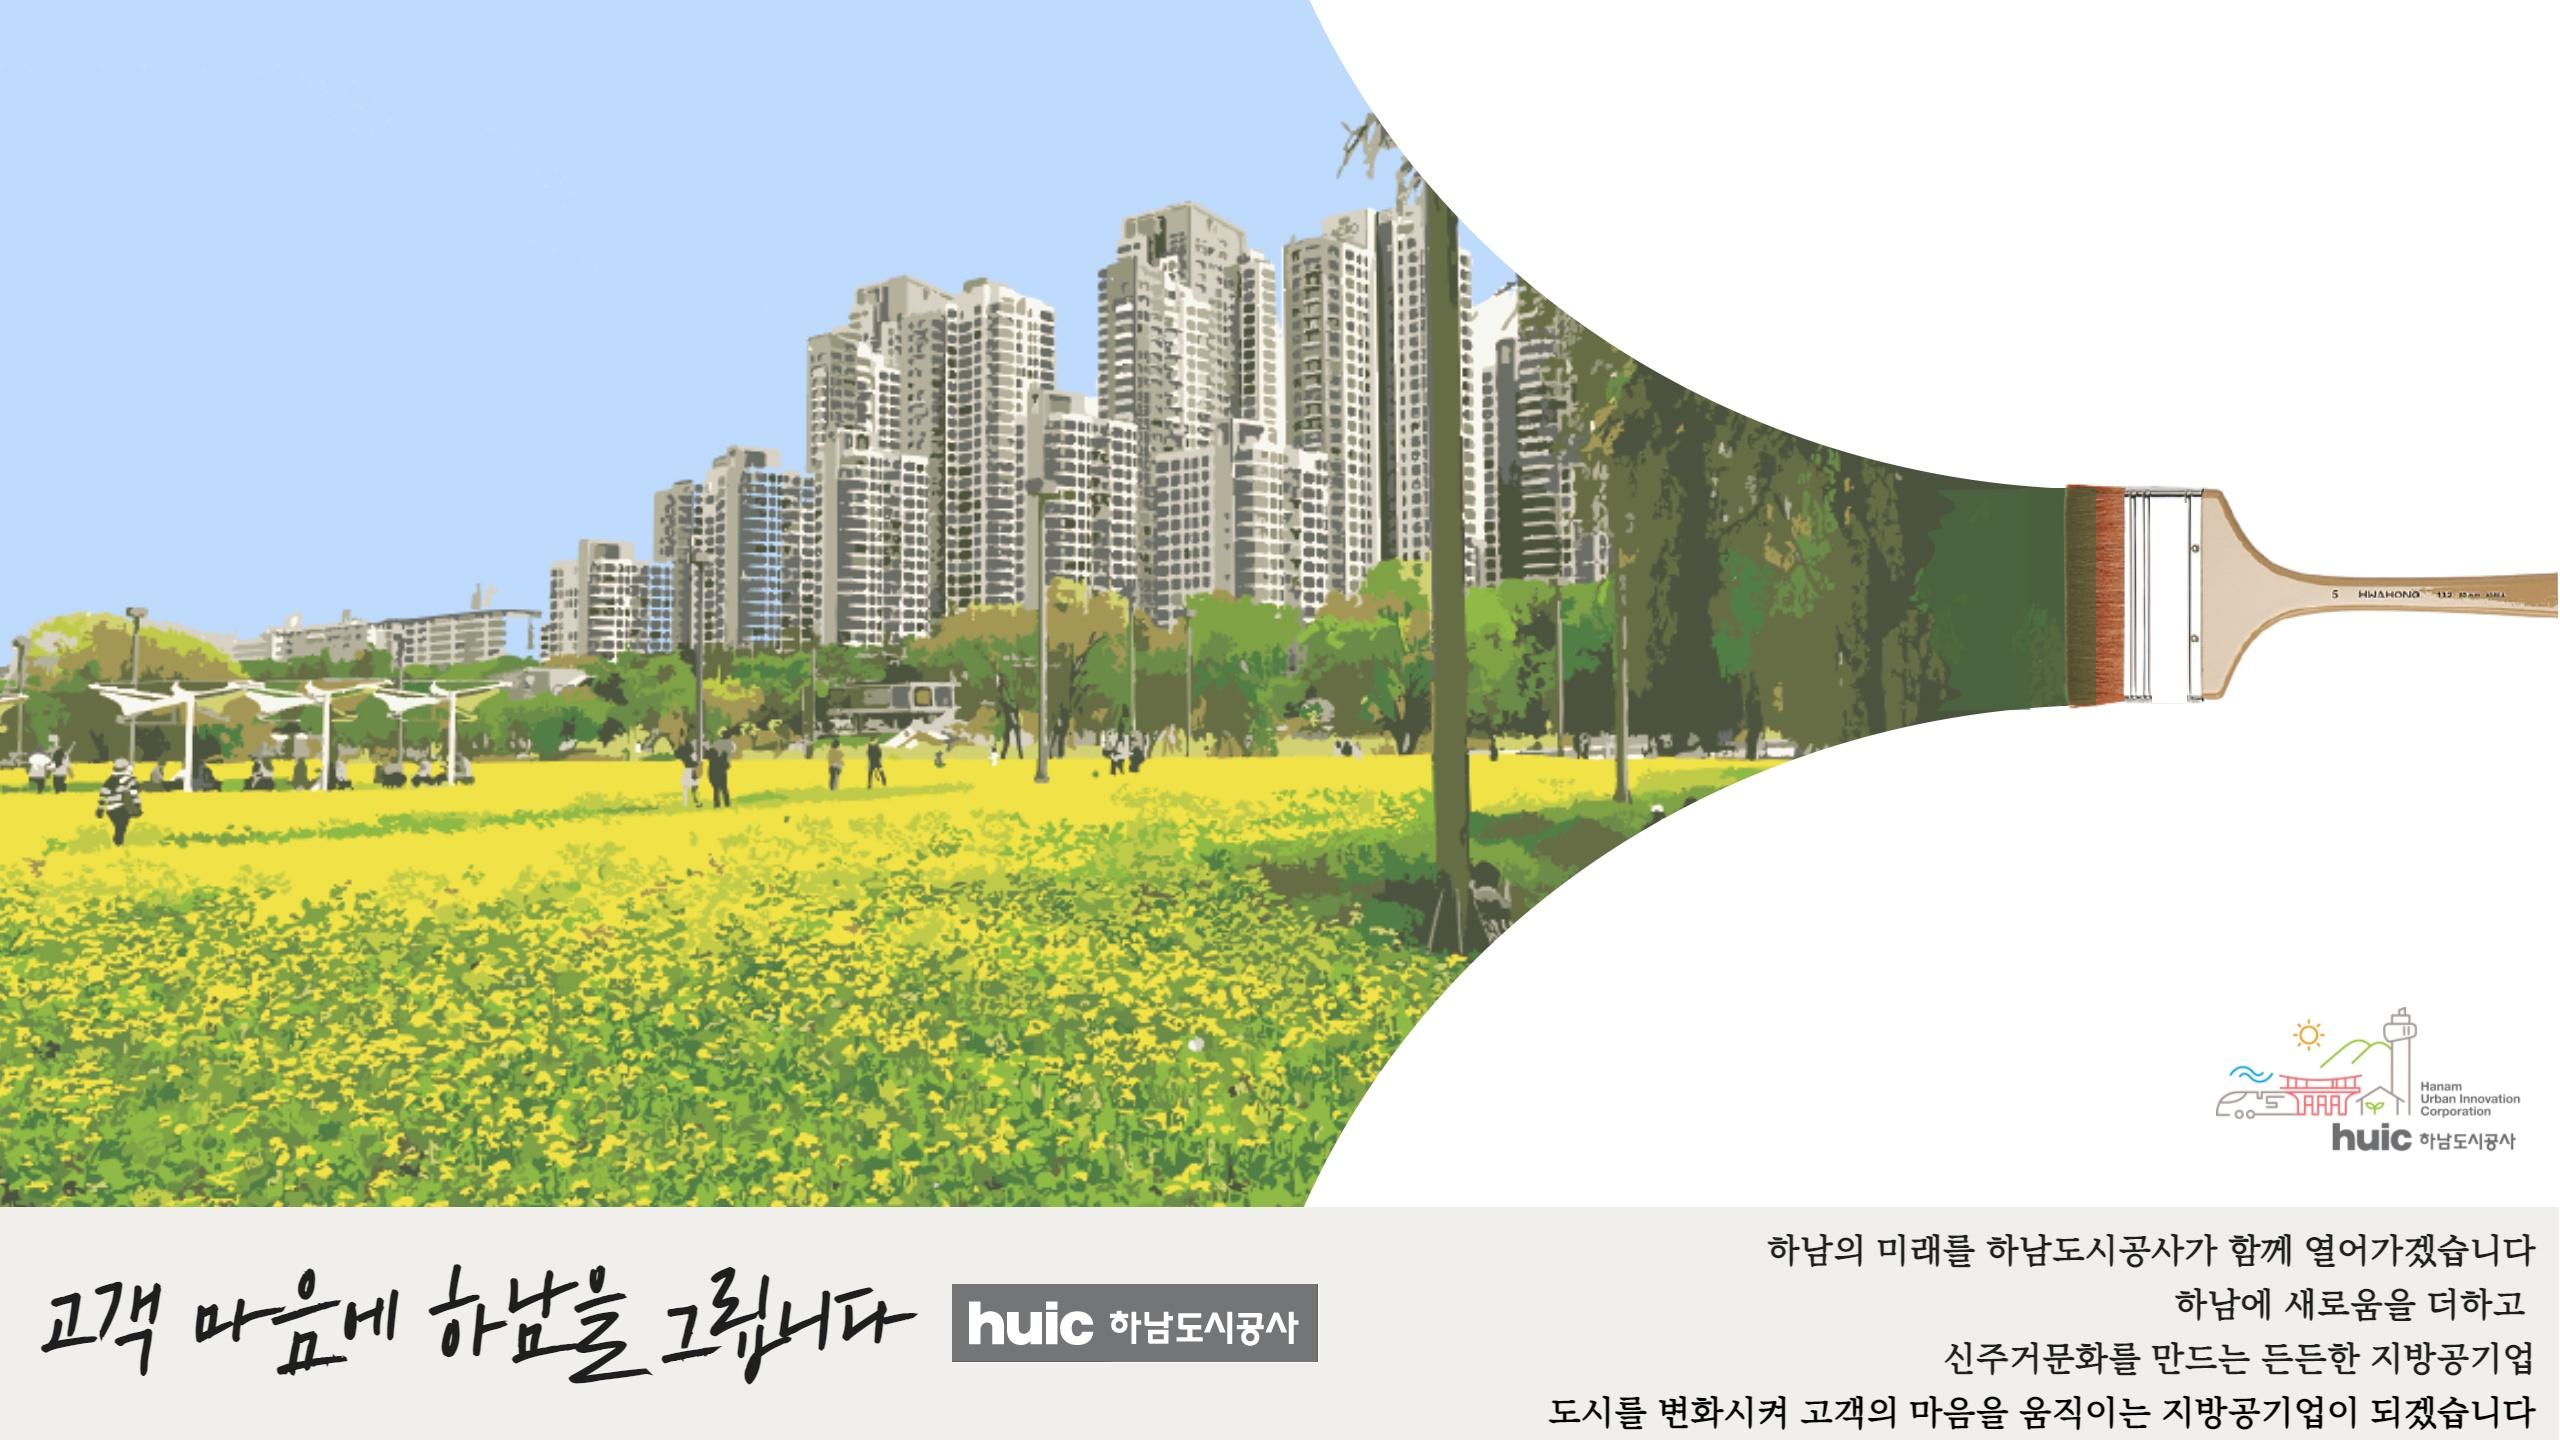 2021하남도시공사 창간 배너광고(100만)